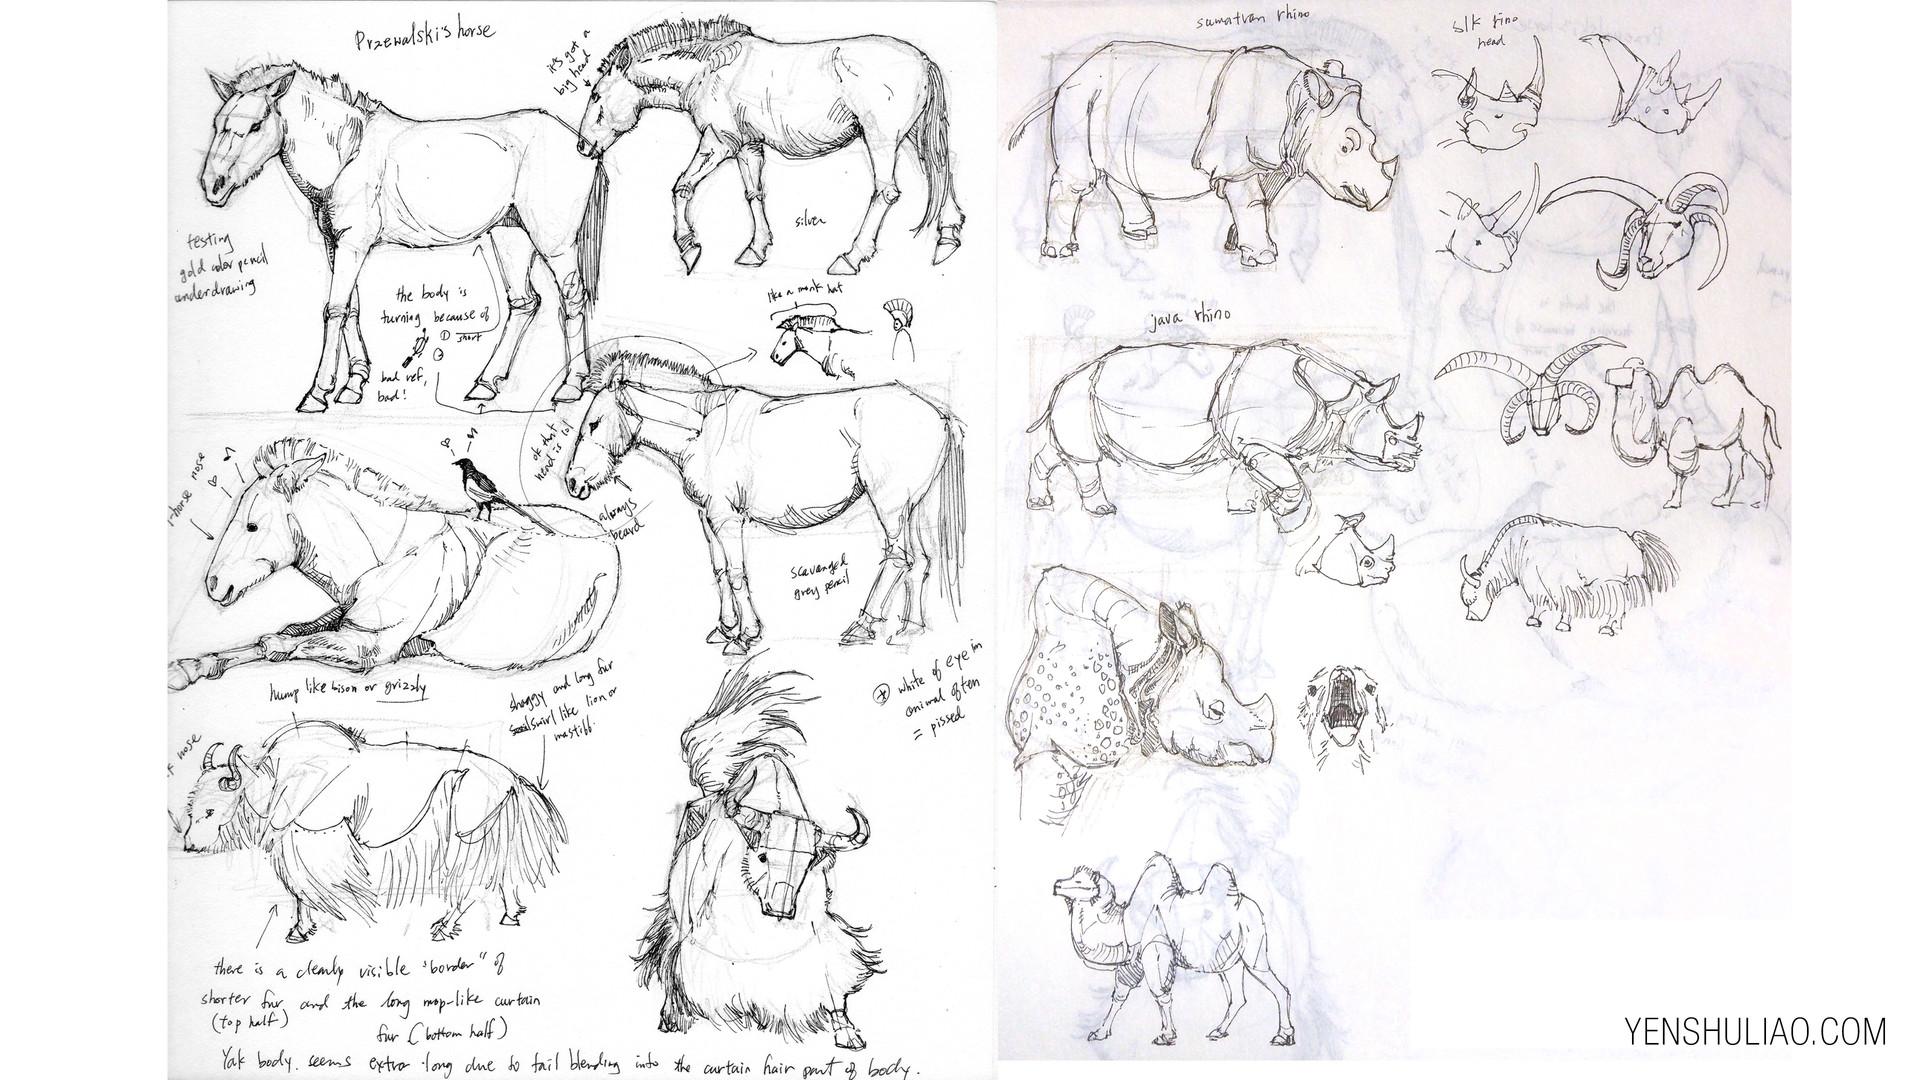 Yen shu liao creature concept art studdy horse